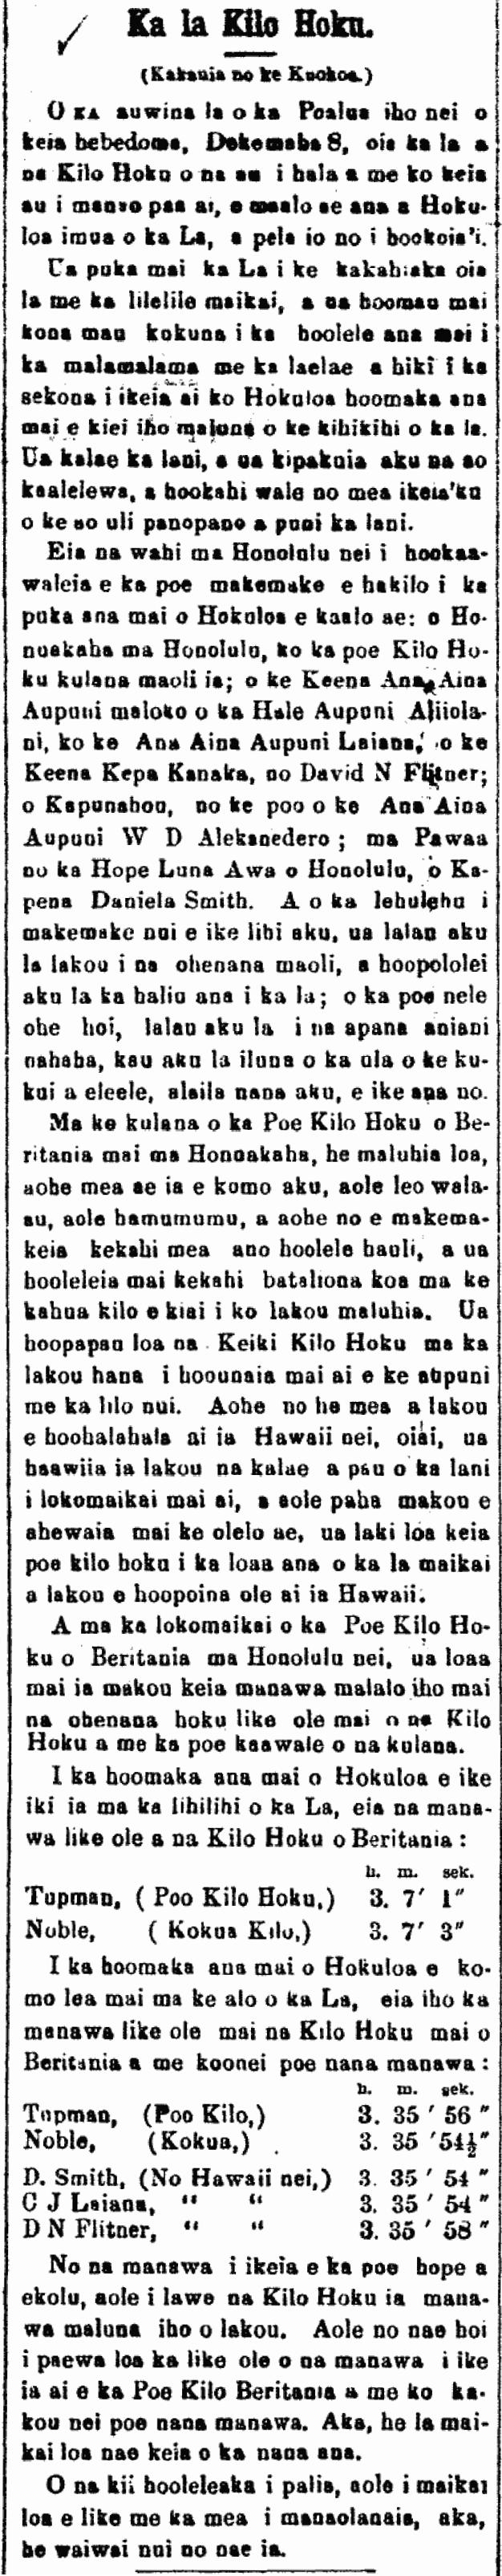 Ka la Kilo Hoku.